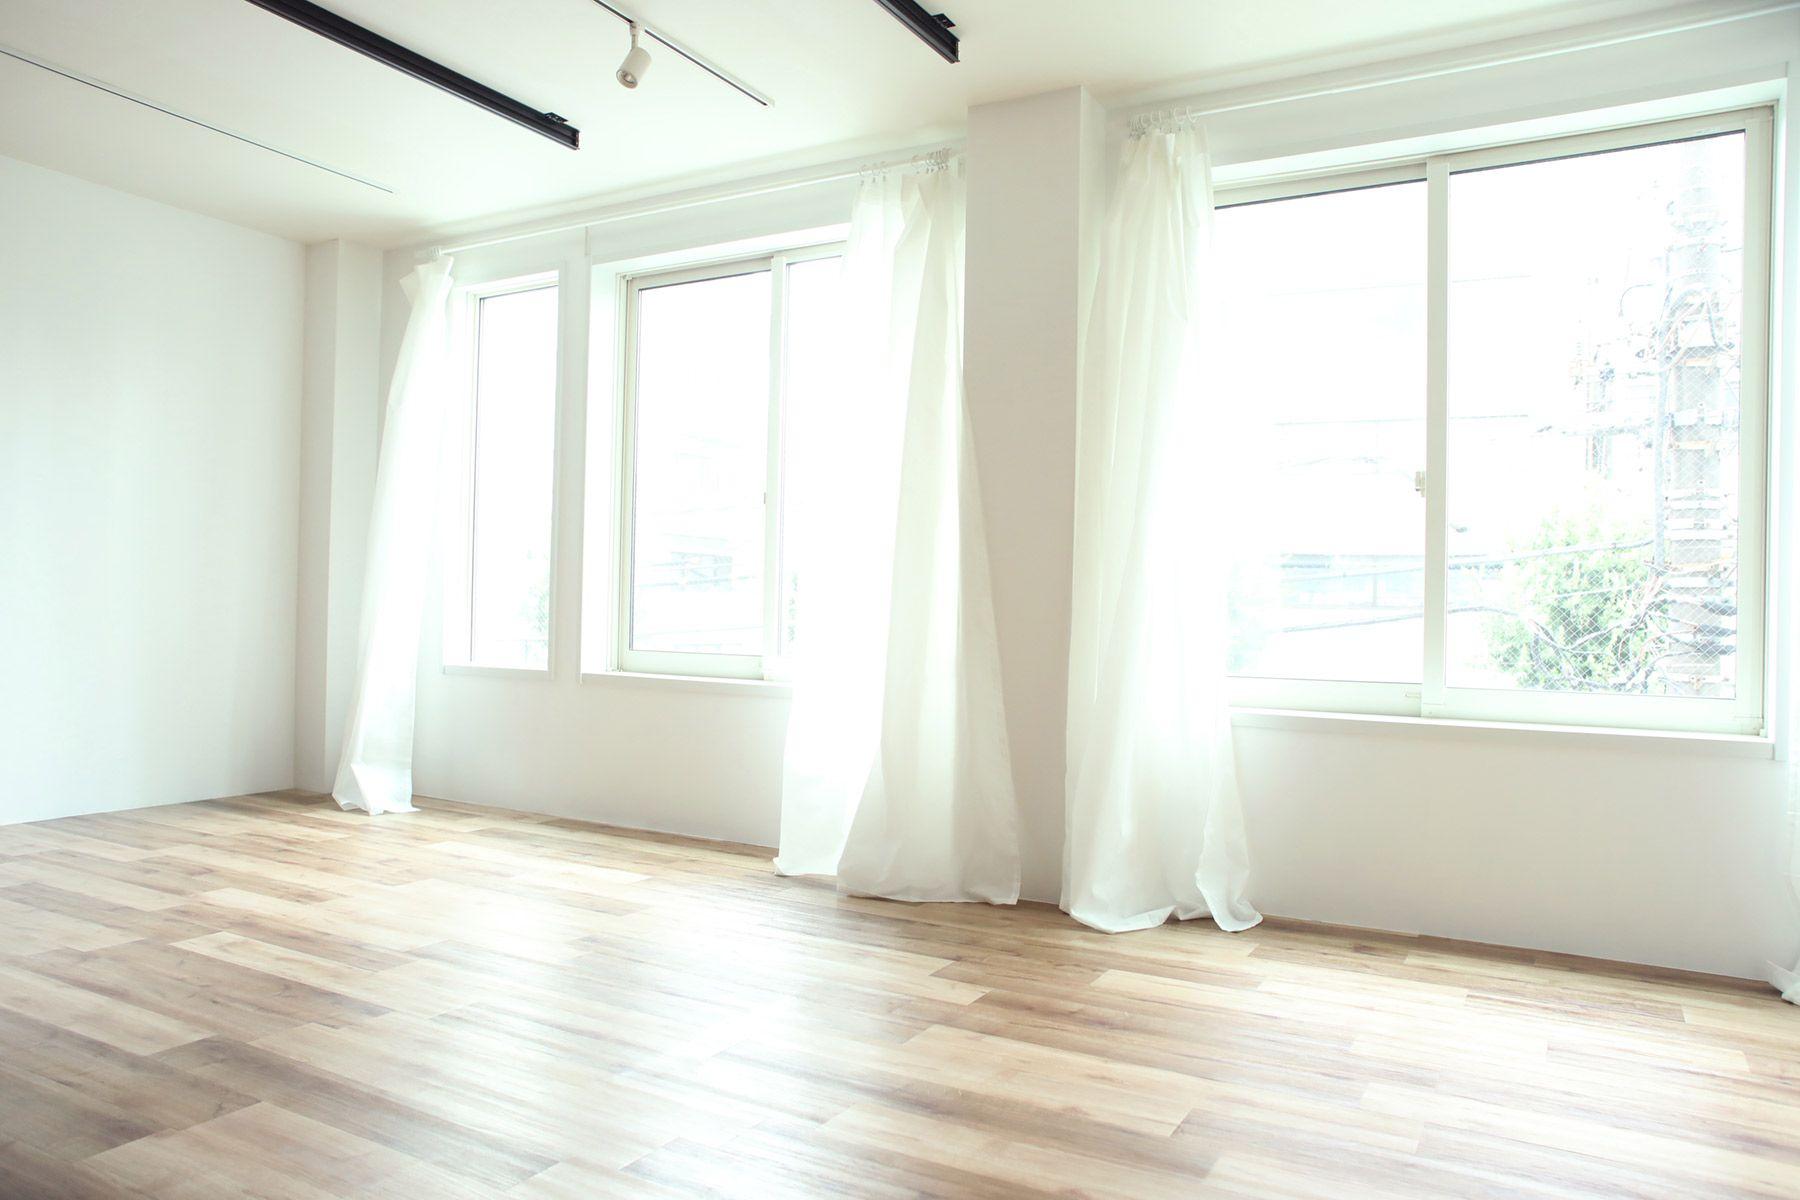 荻窪写真館スタジオ (オギクボシャシンカン)一面全て窓(南向き)